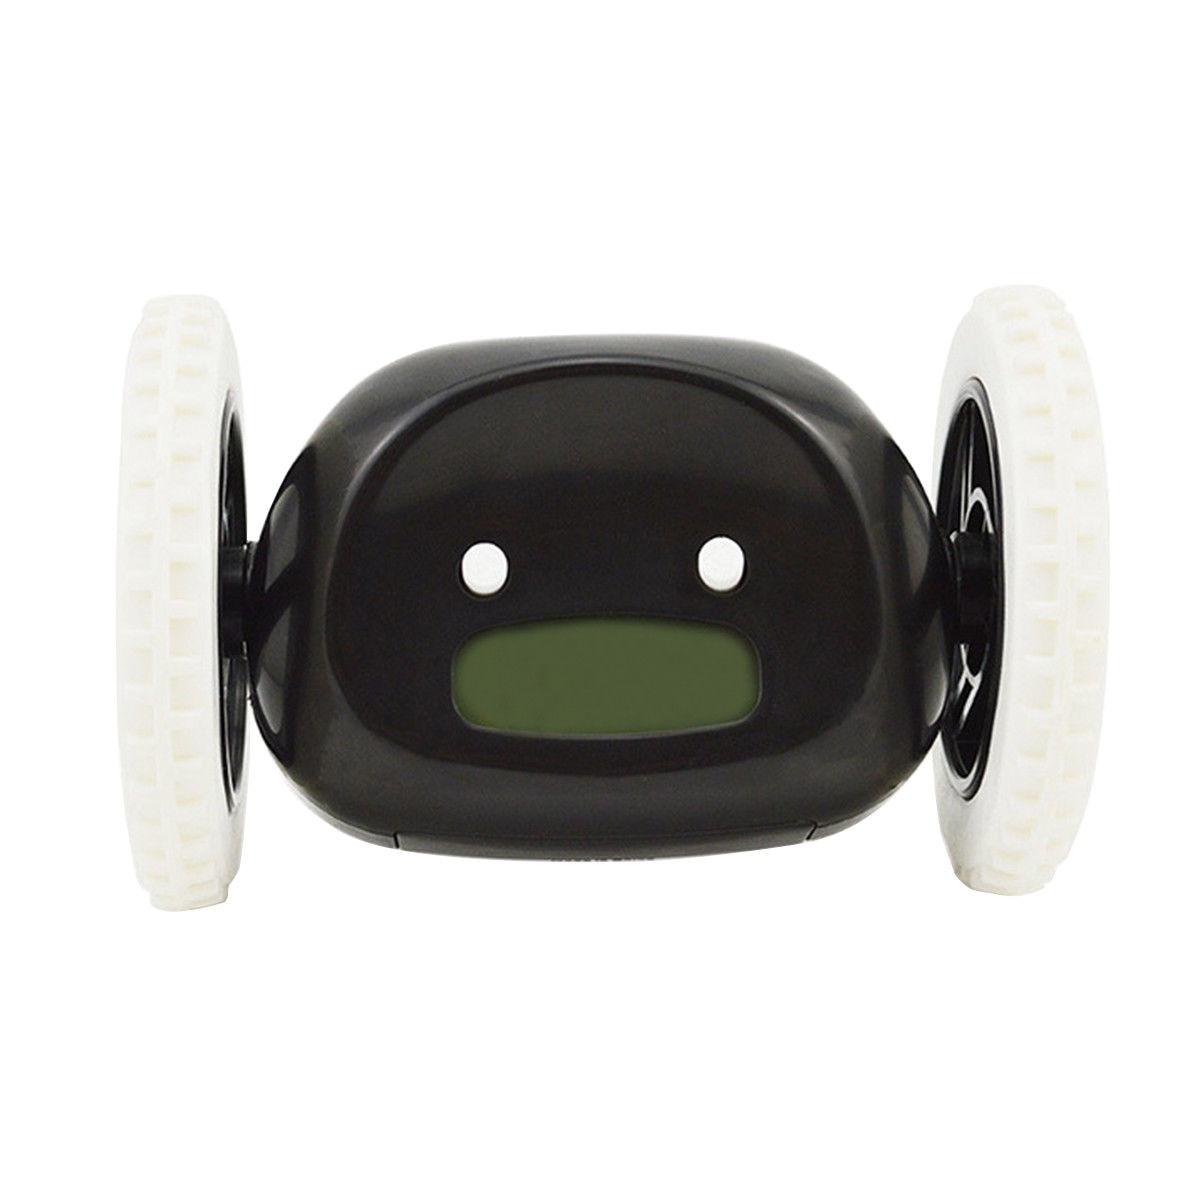 HOT-Fugitivo Correndo Sobre Rodas Em Movimento Perseguir o Alarme Digital LCD Relógio Despertador